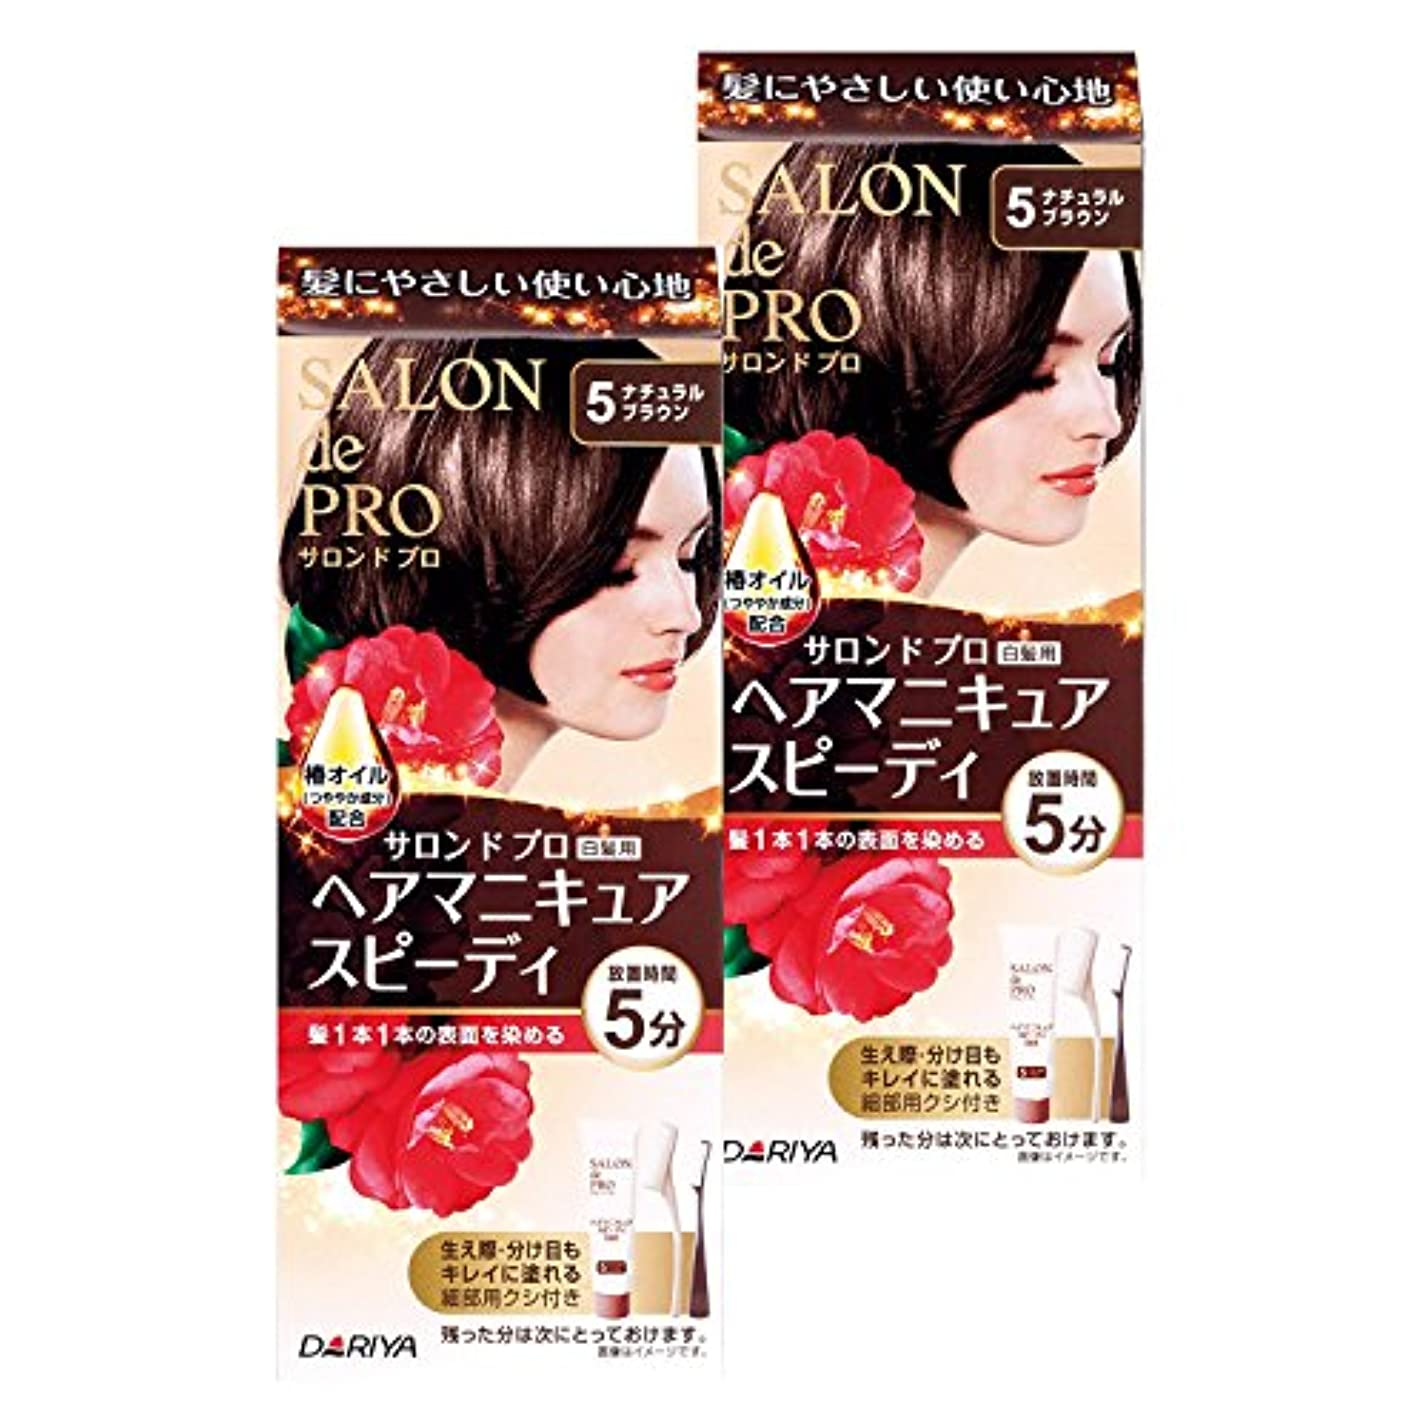 入り口禁輸外科医【まとめ買い】サロンドプロヘアマニキュアスピーディ5×2個